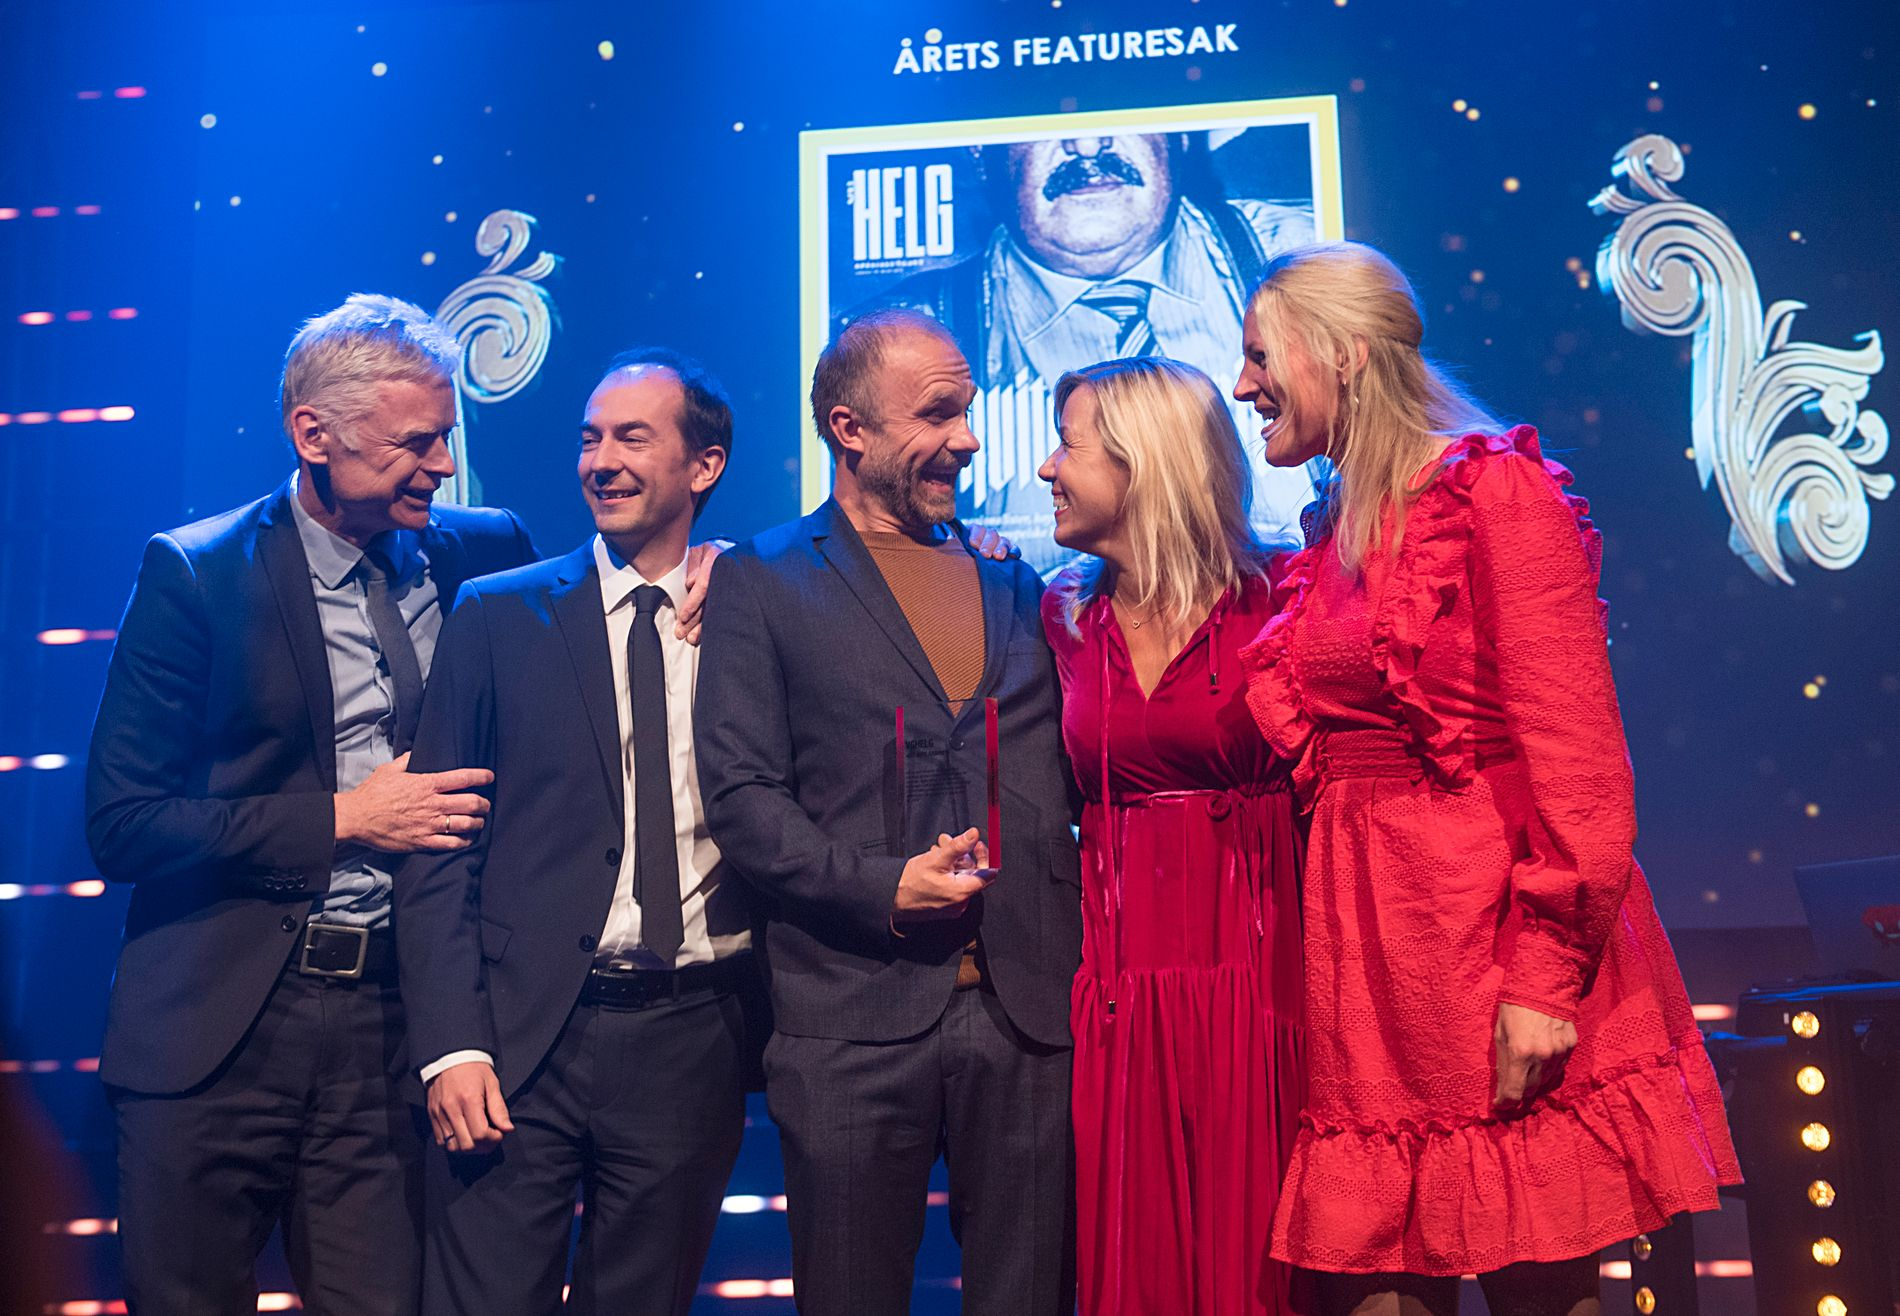 FIKK PRIS: Det var tilsynelatende god stemning på scenen da VG fikk prisen for årets featuresak under de Nordiske mediedagene i Bergen